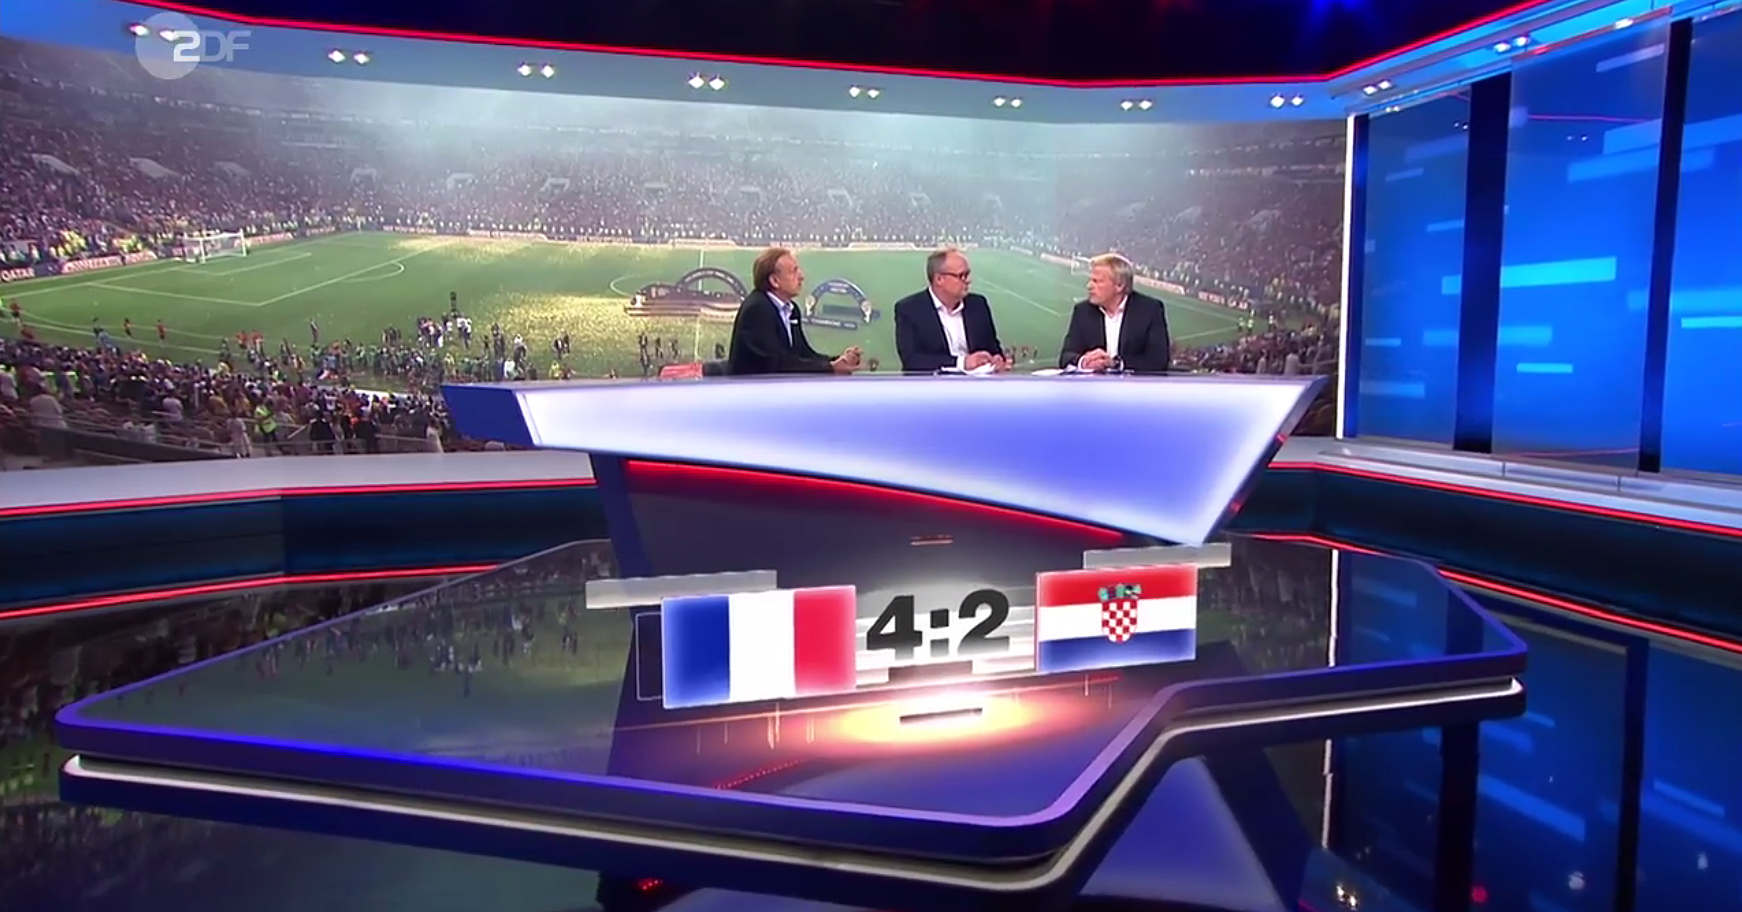 FIFA WM 2018 live - ZDFmediathek